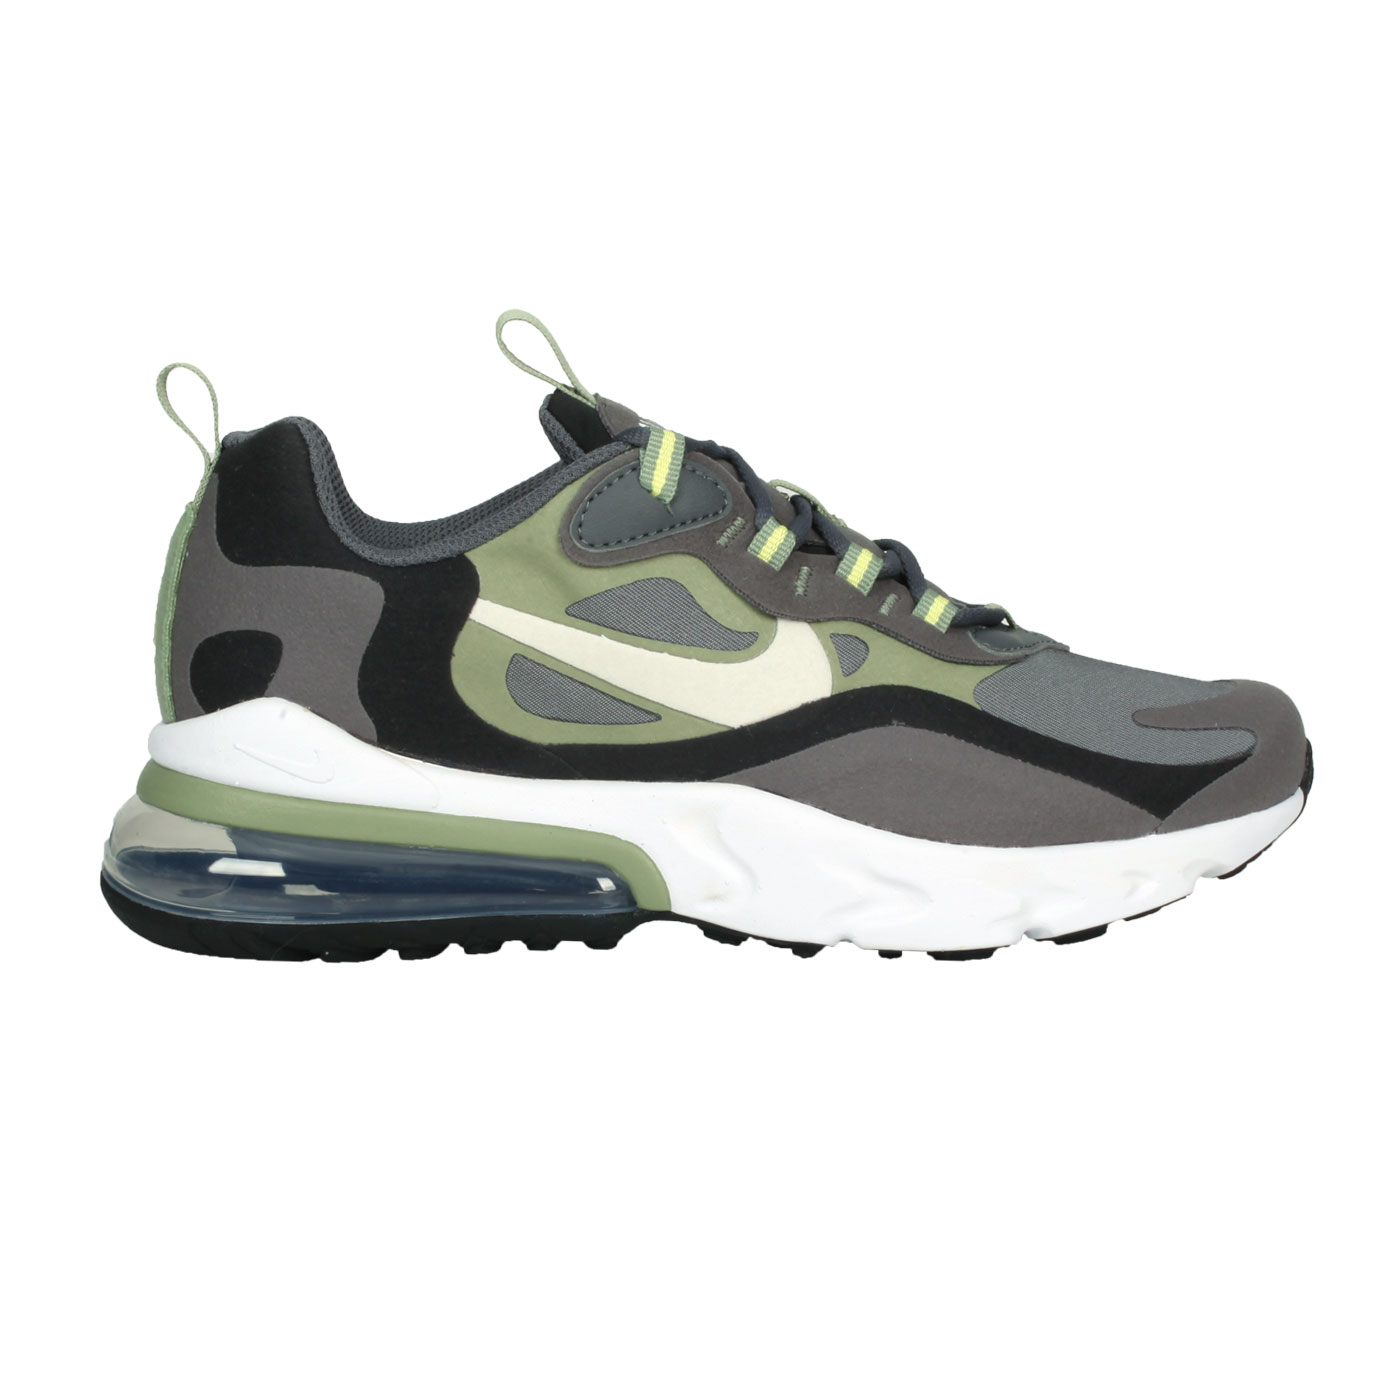 NIKE 大童氣墊休閒運動鞋  @AIR MZX 270 REACT (GS)@BQ0103022